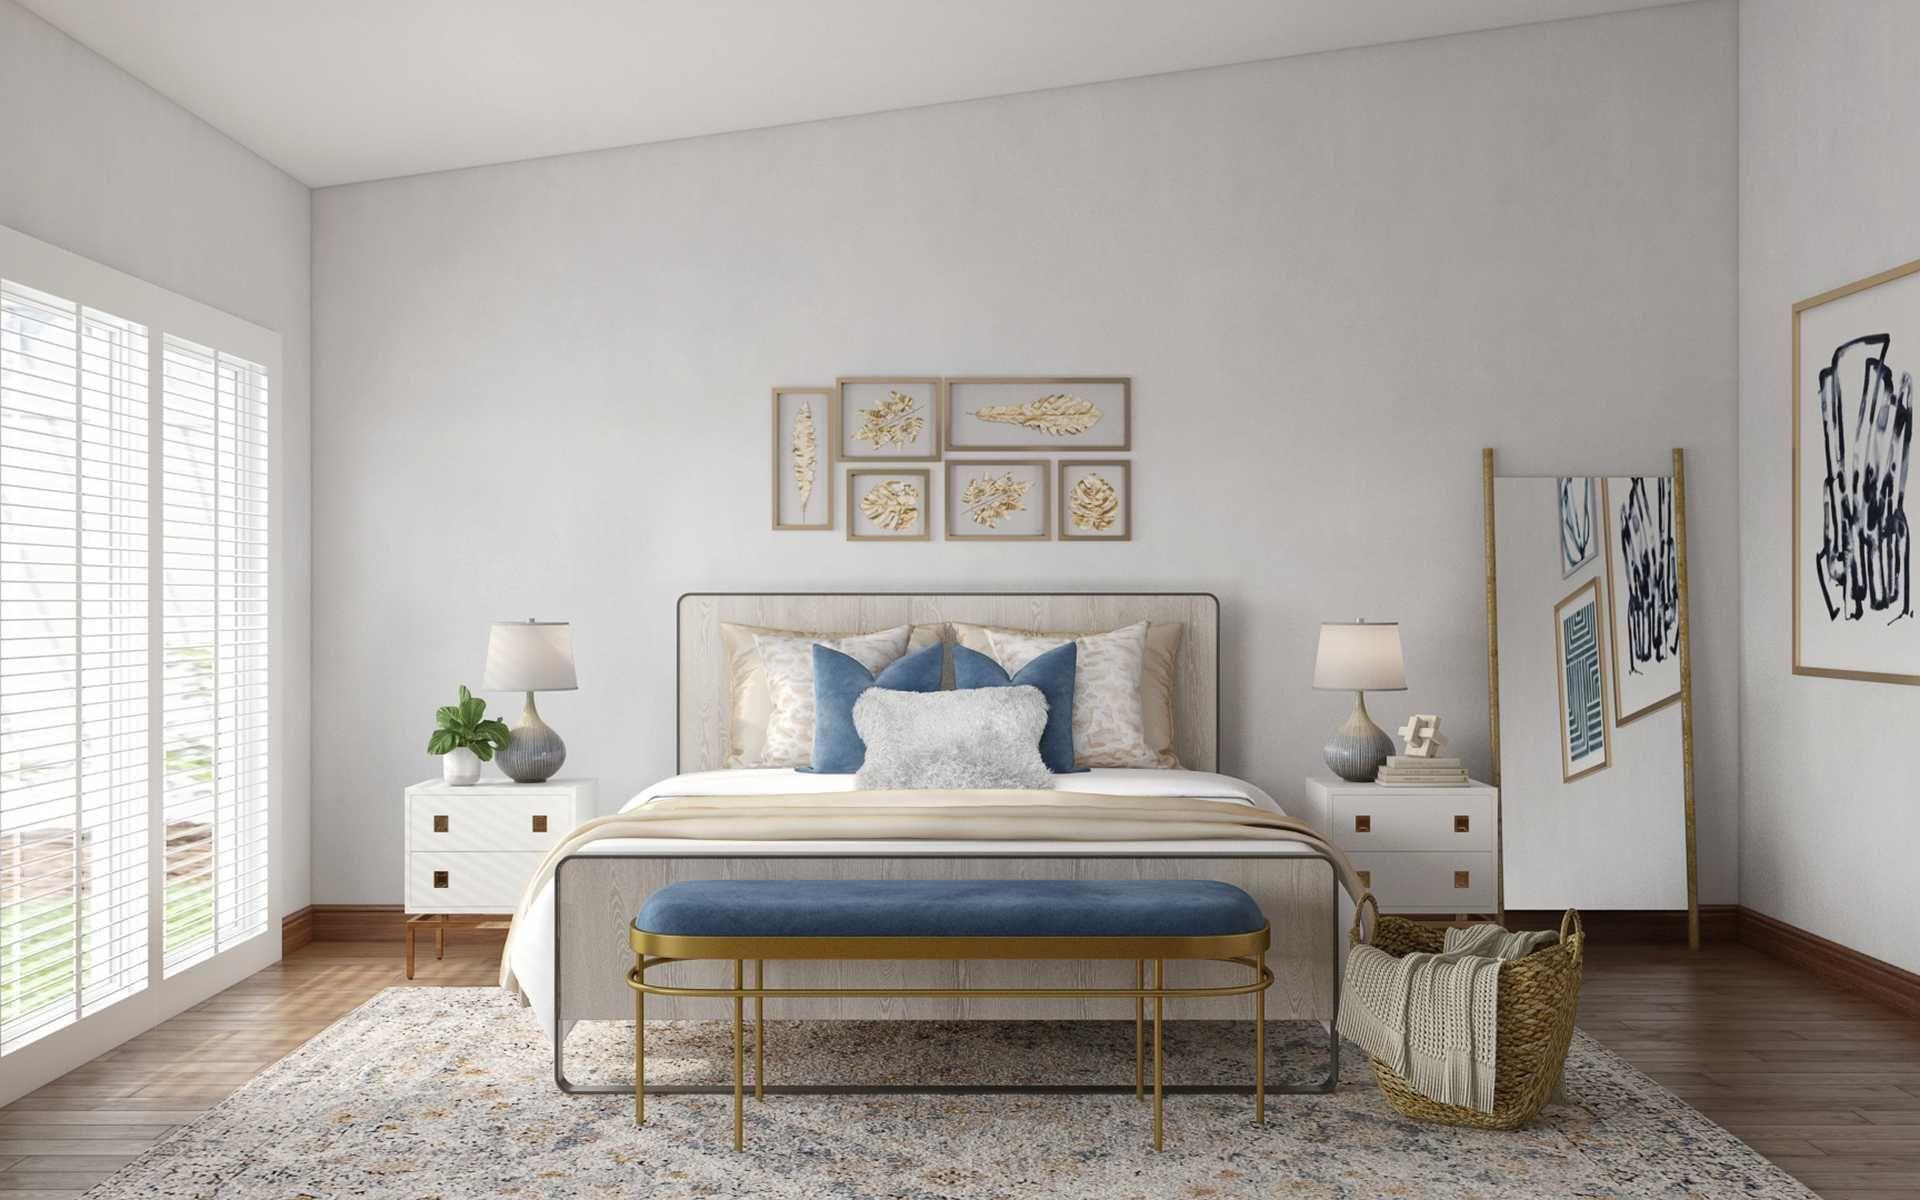 40 Best Bedroom Interior Design Ideas Havenly Interior Design Bedroom Interior Design Bedroom Interior